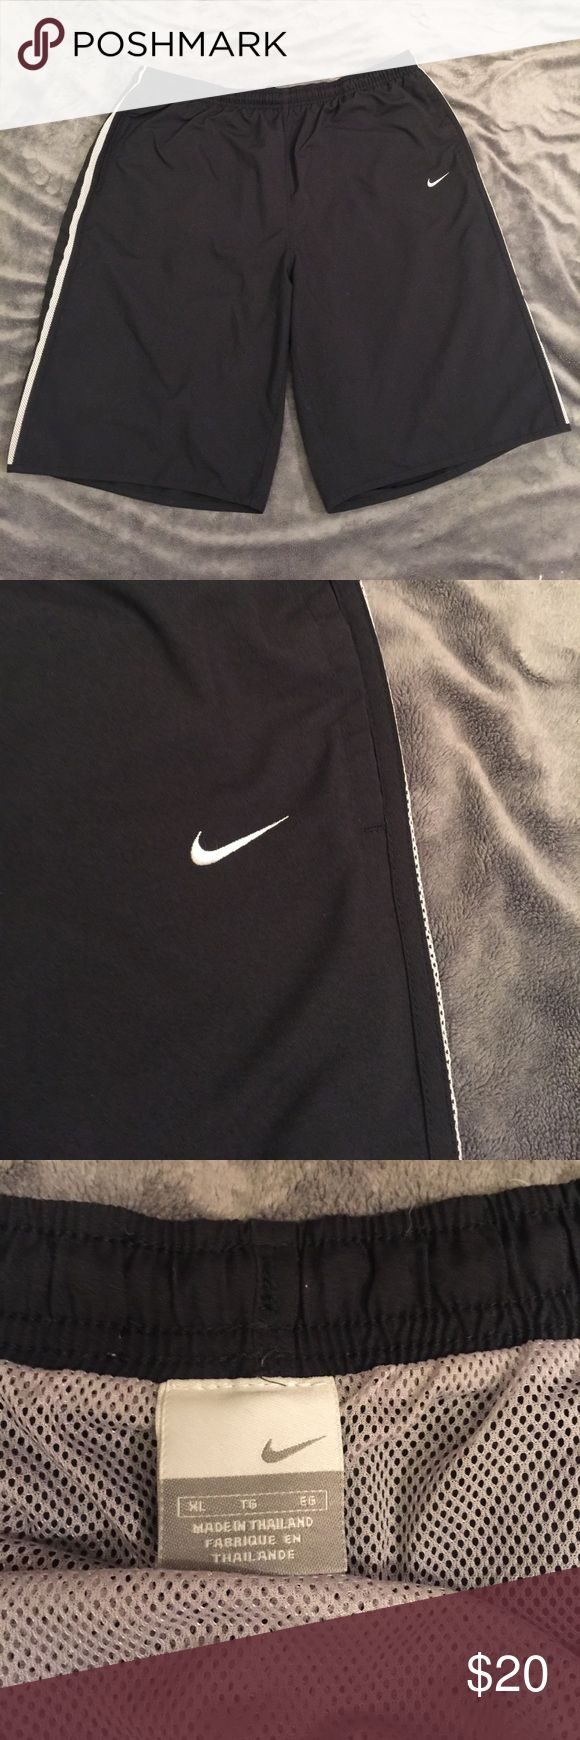 Men's Nike swim trunks. Size XL Nice Nike swim trunks with pockets a drawstring and a back pocket. Like new. Nike Swim Swim Trunks